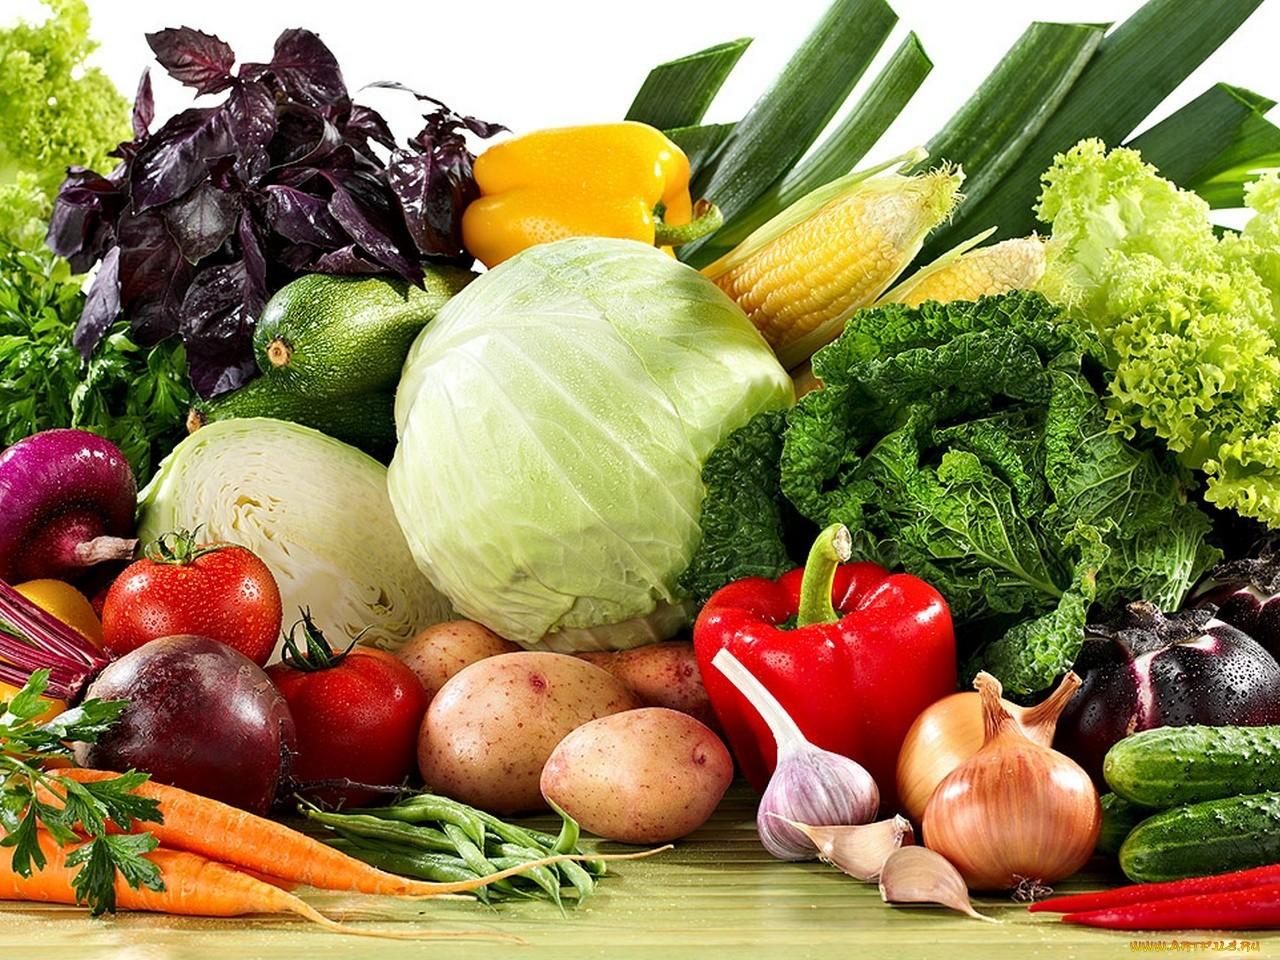 Россия хочет наладить импорт сельхозпродукции из Турции